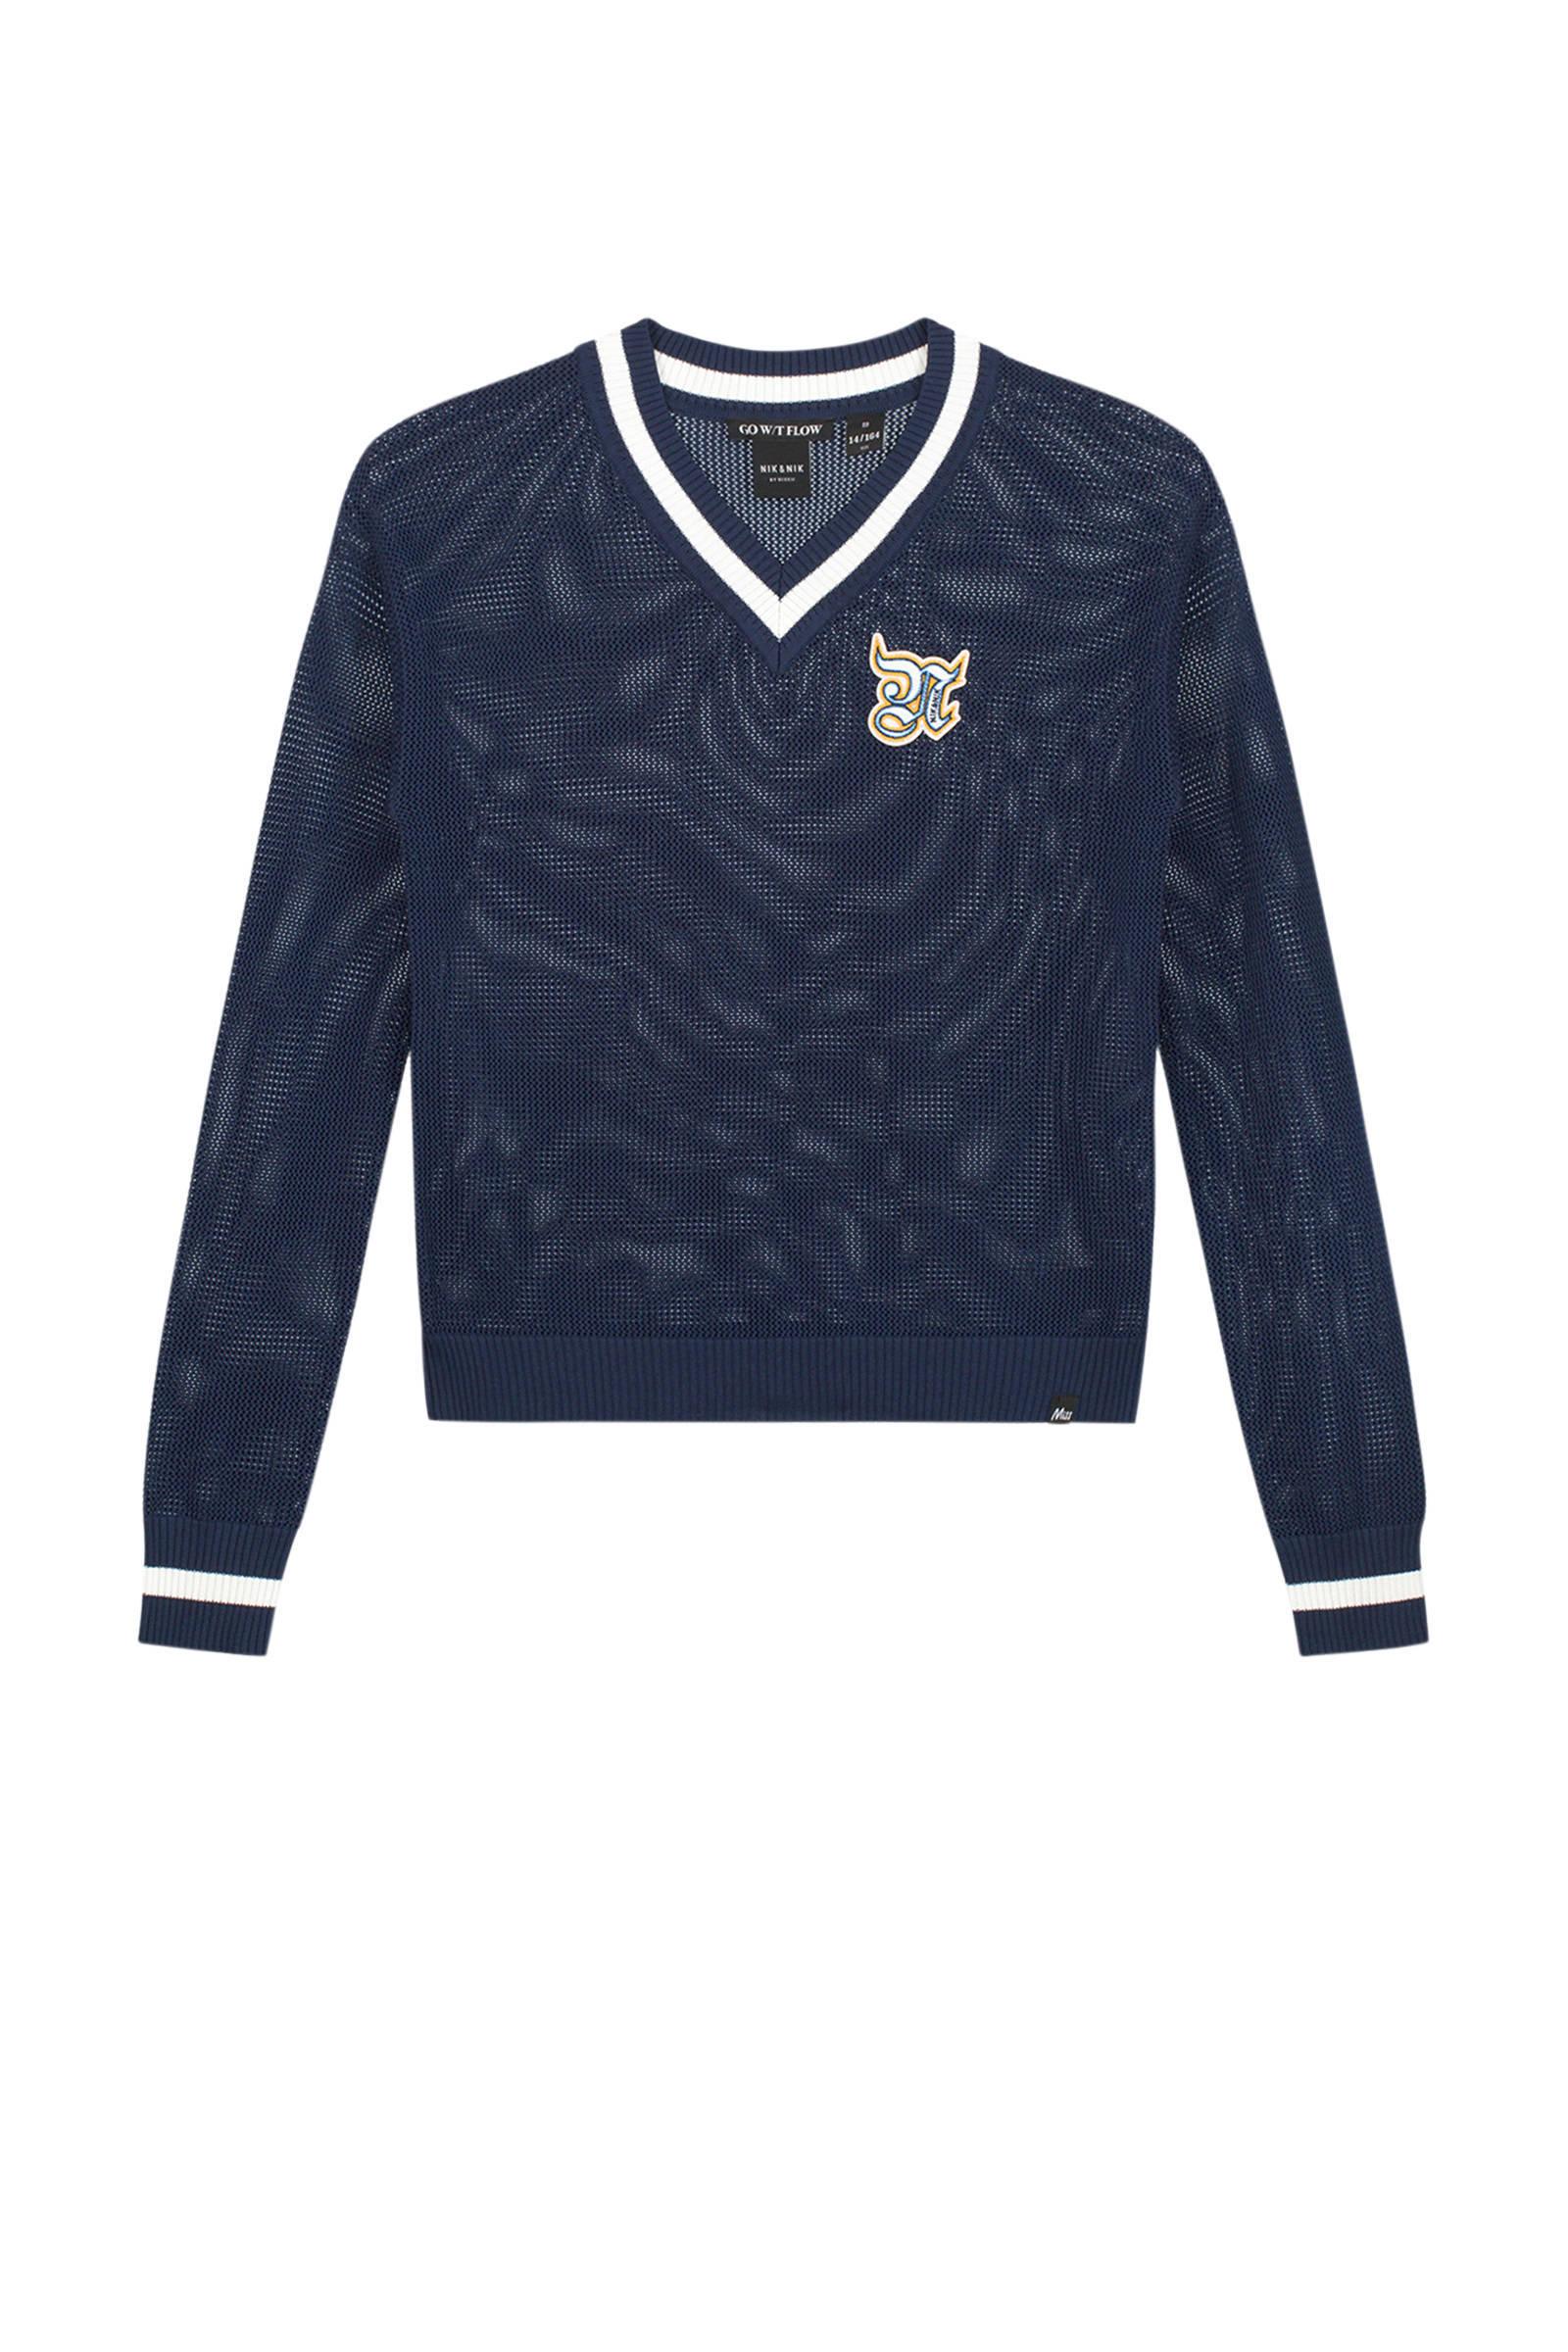 NIK&NIK trui Stanford met logo blauw/wit - maat 176